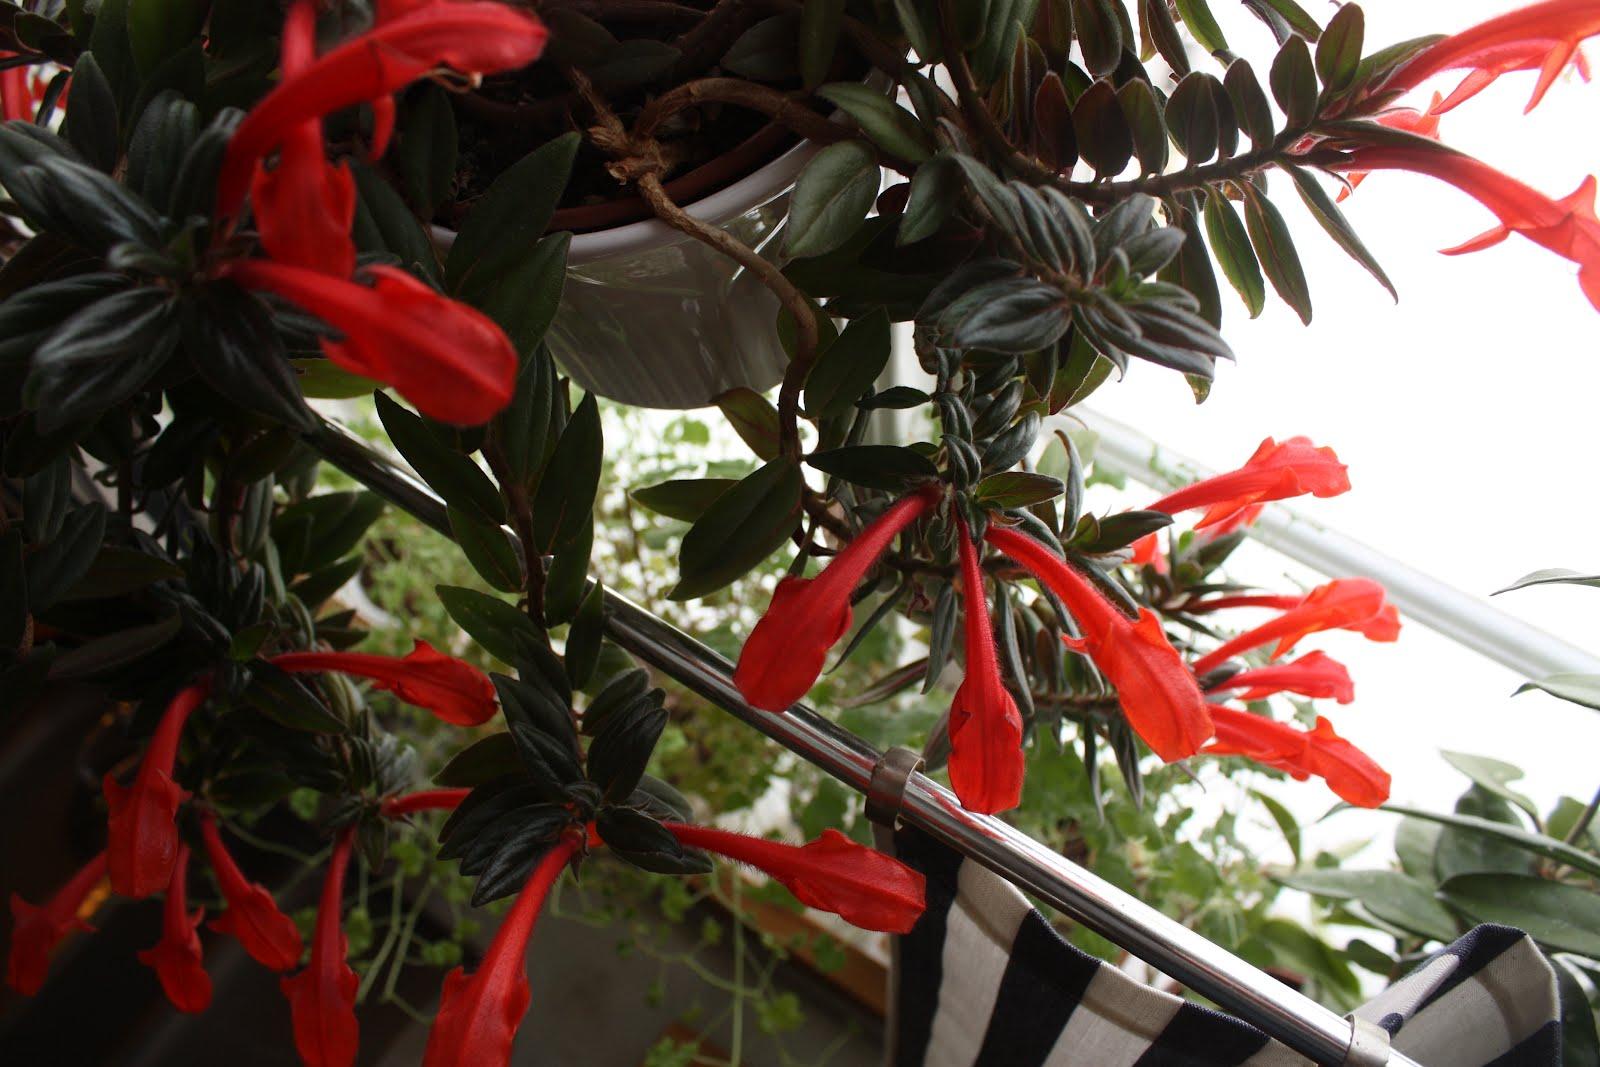 Fina Koksfonster : dorunder syns de vildvuxna pelargonerna